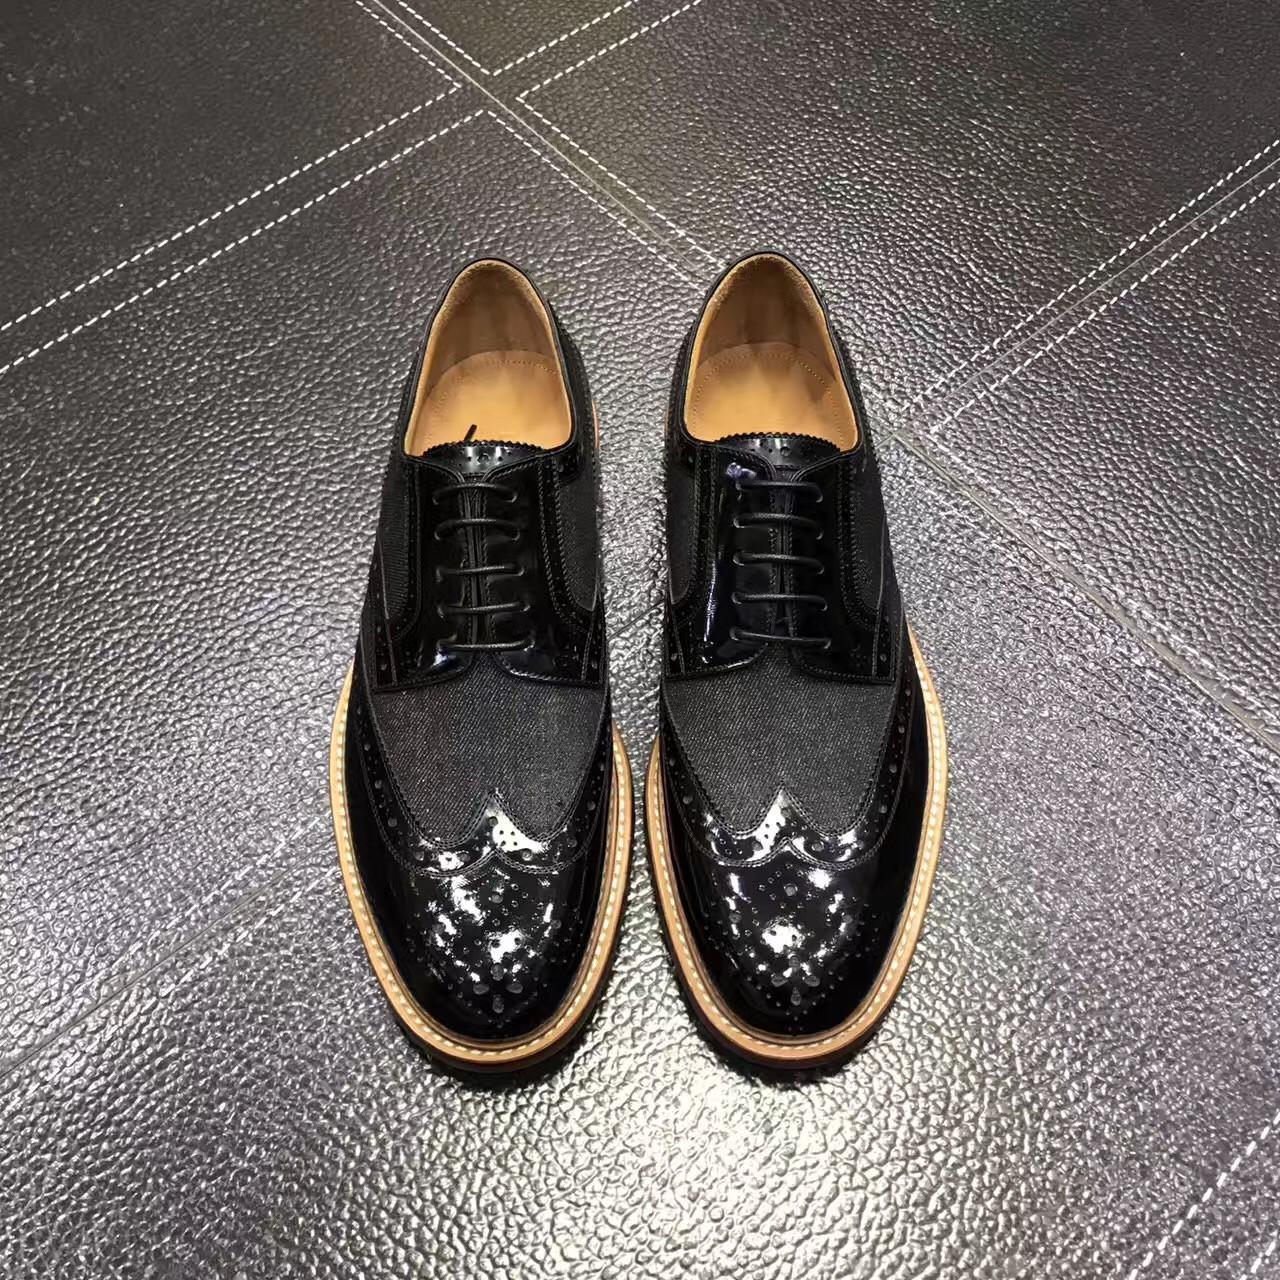 Мужские туфли Louis Vuitton Casual